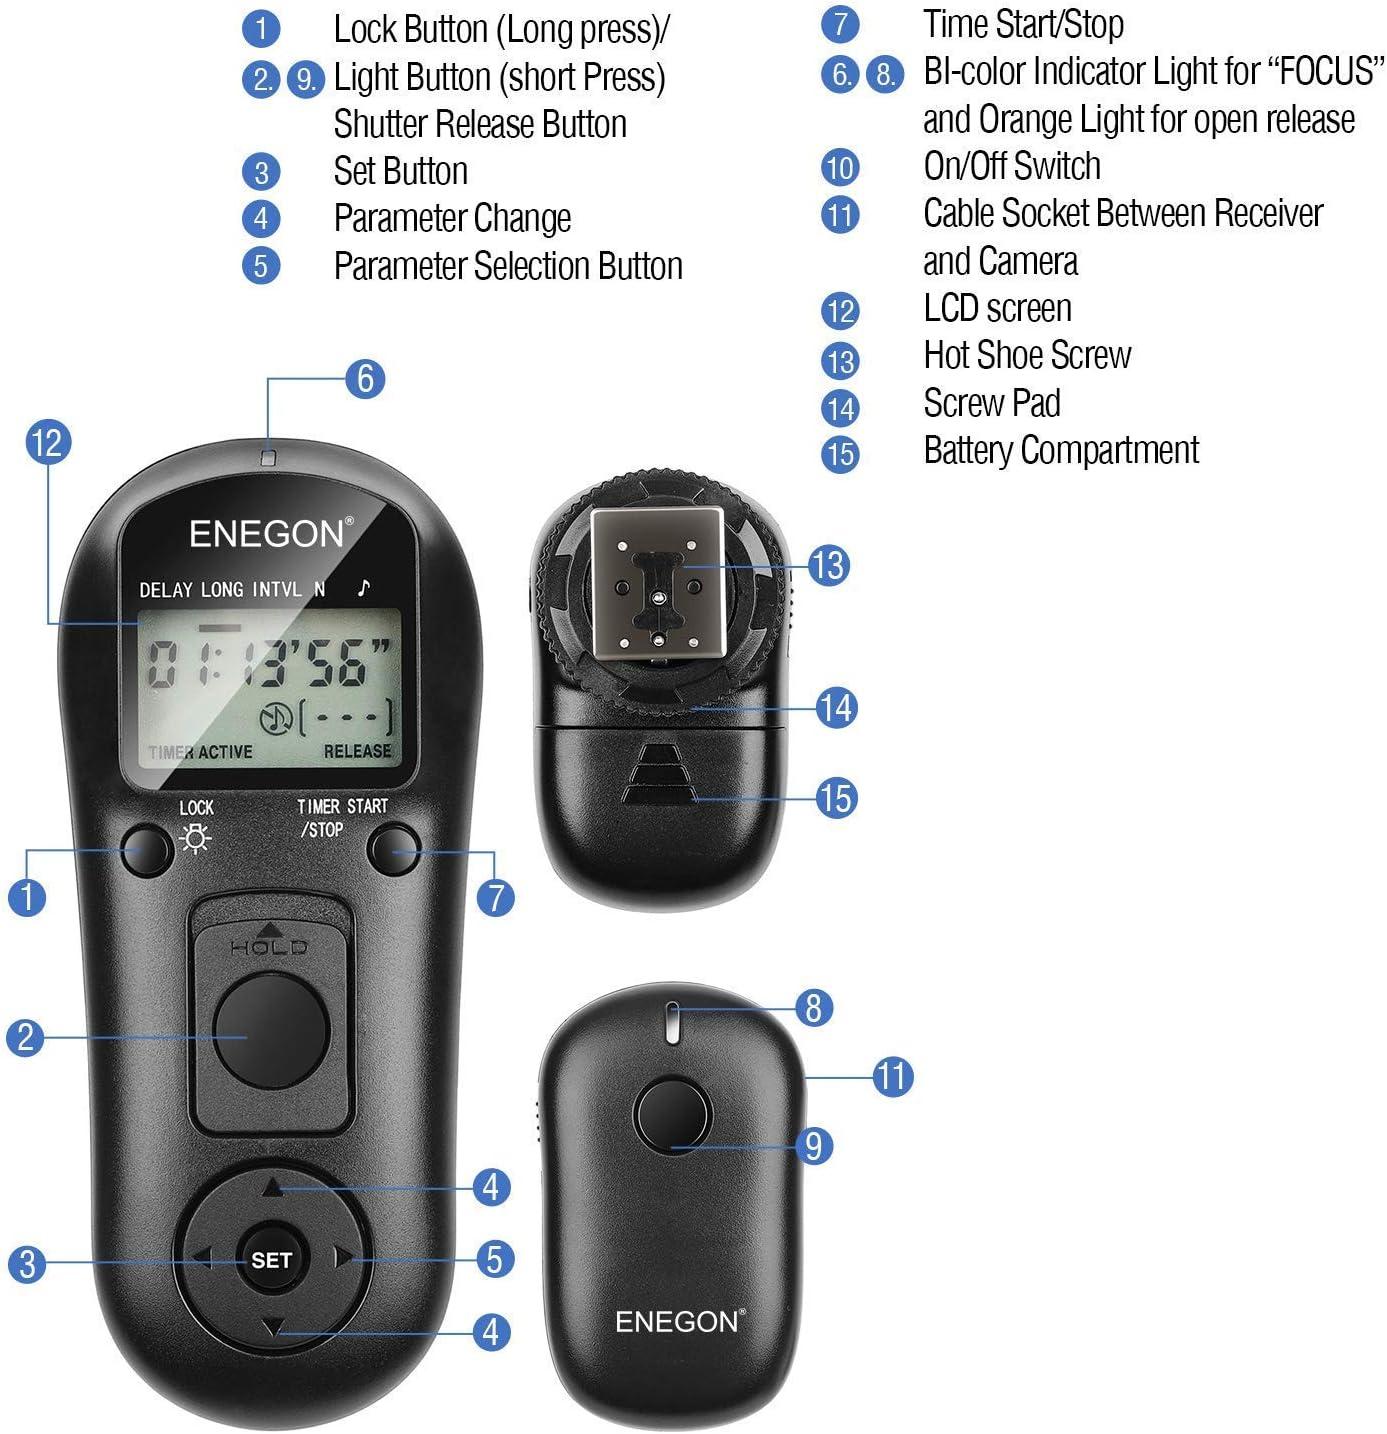 Contr/ôleur de d/éclencheur de cam/éra ENEGON-T/él/écommande D/éclencheurs sans Fil C/âble de d/éclenchement pour Nikon D7000 D7100 D7200 D5100 D3100 D750 D850 D810 D700 D500 D3 D4 D5 D4s N90s et Plus